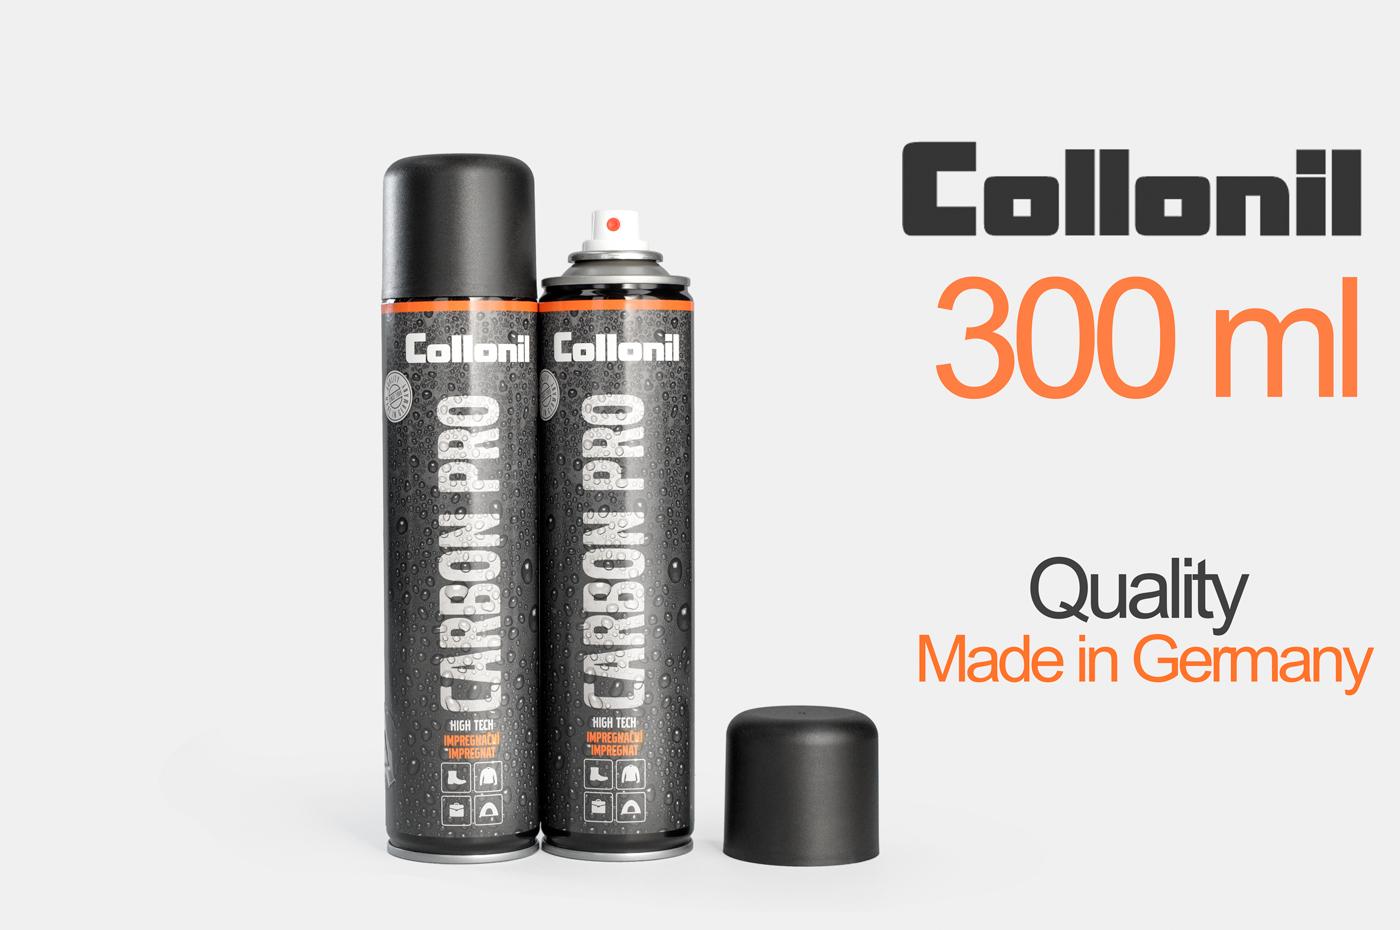 Collonil Carbon Pro - Kedoff.net